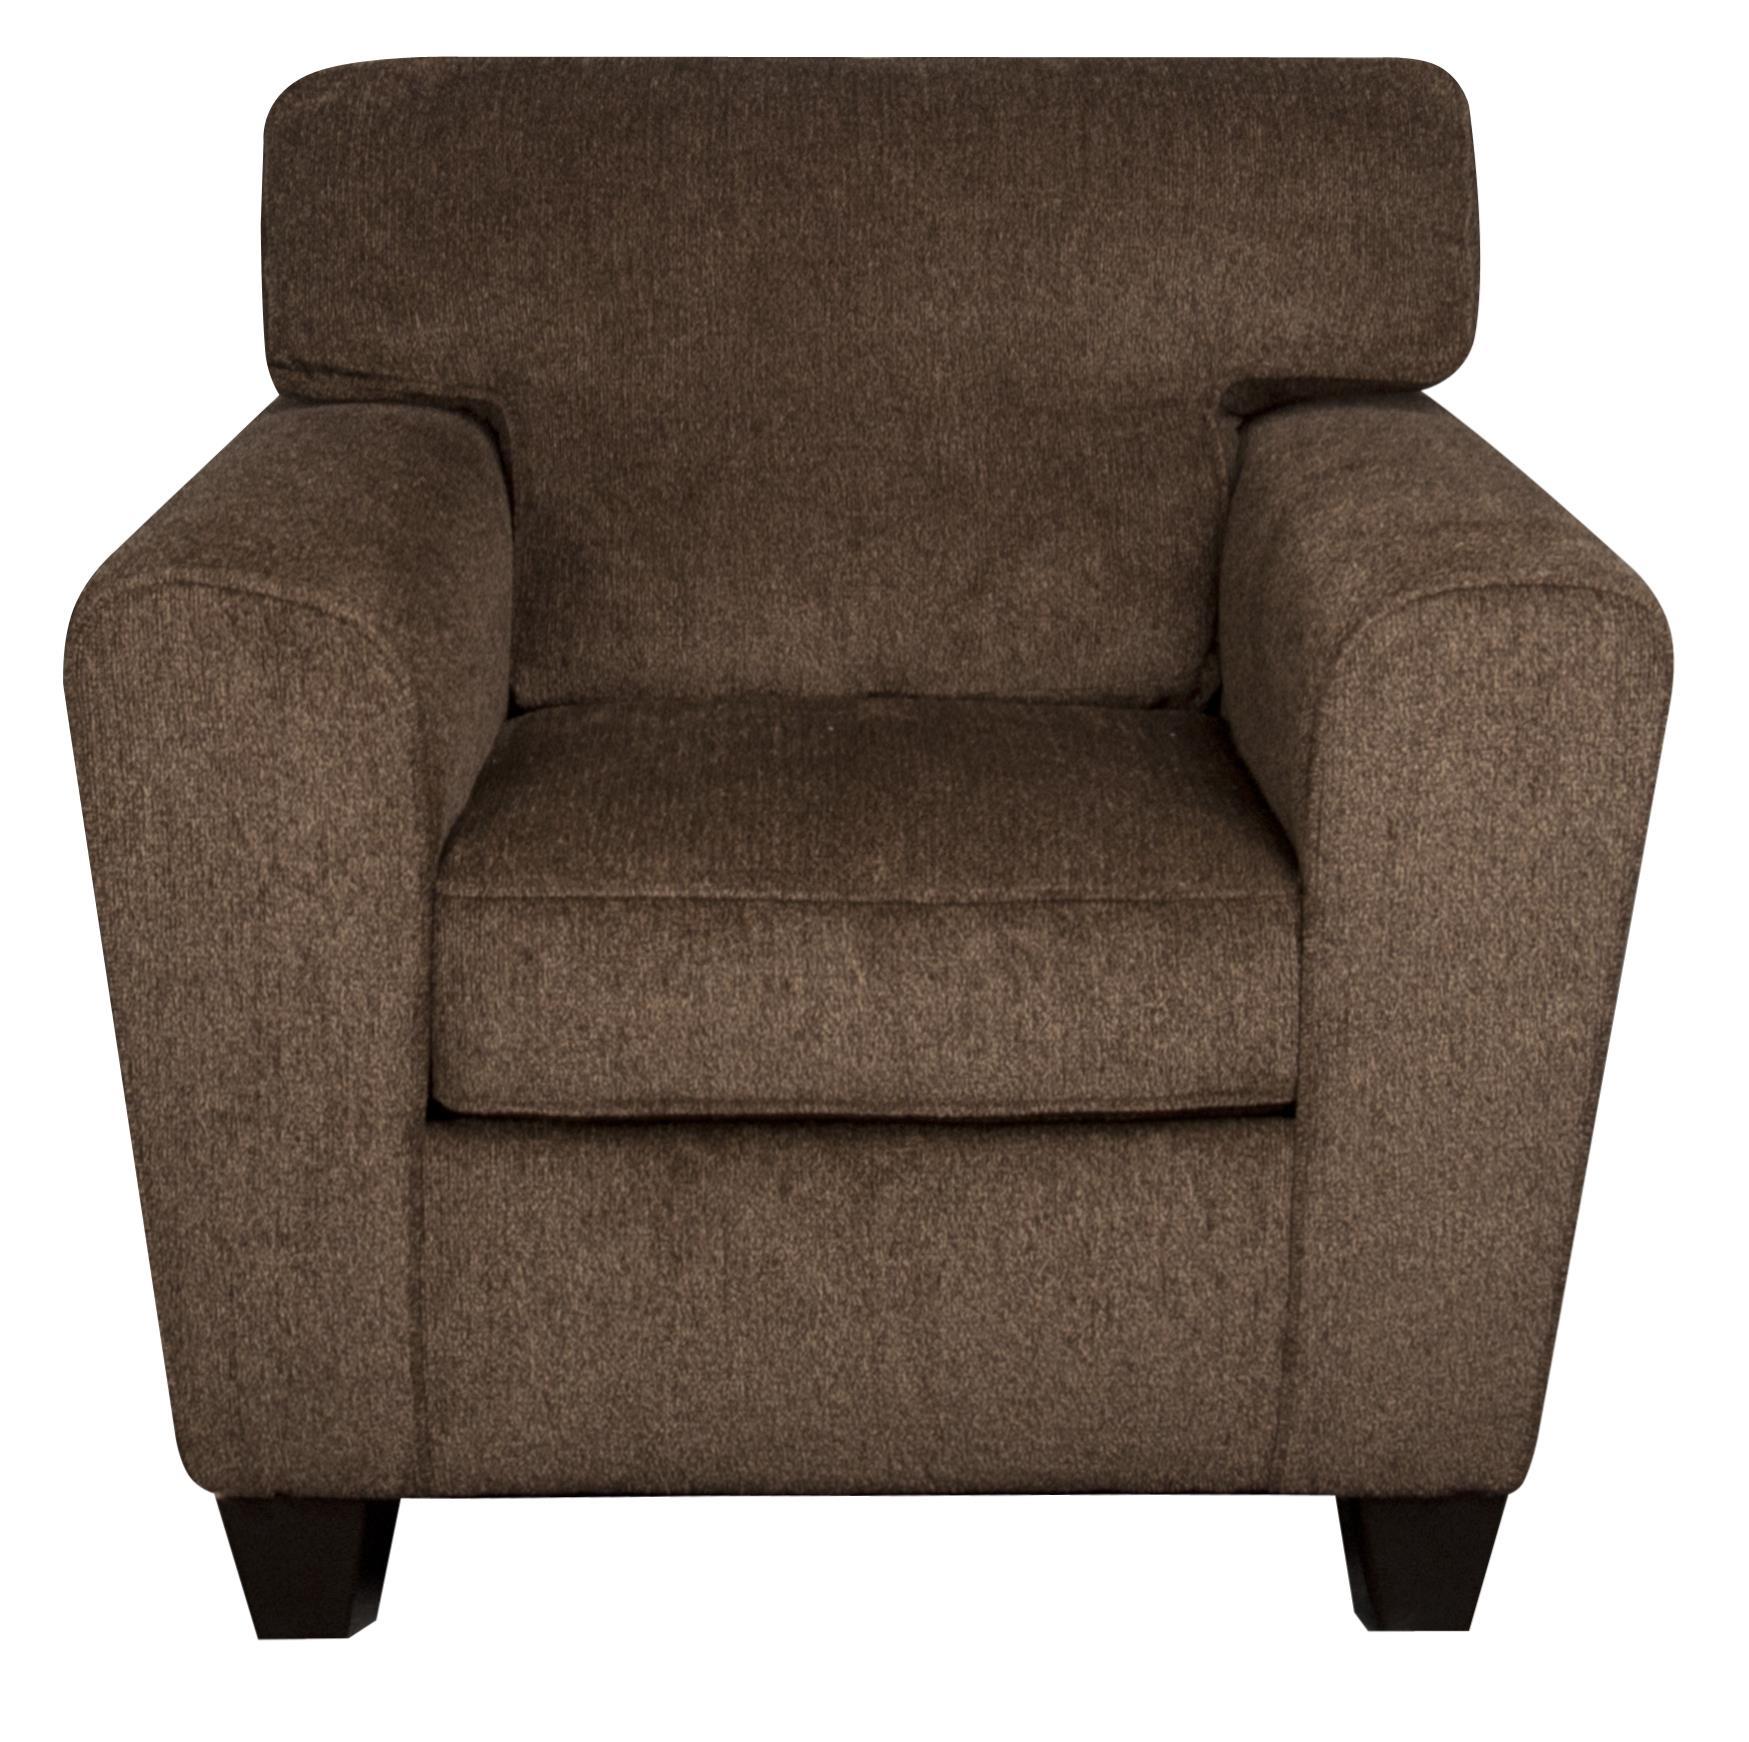 Morris Home Furnishings Wilson - Wilson Chair - Item Number: 841292792